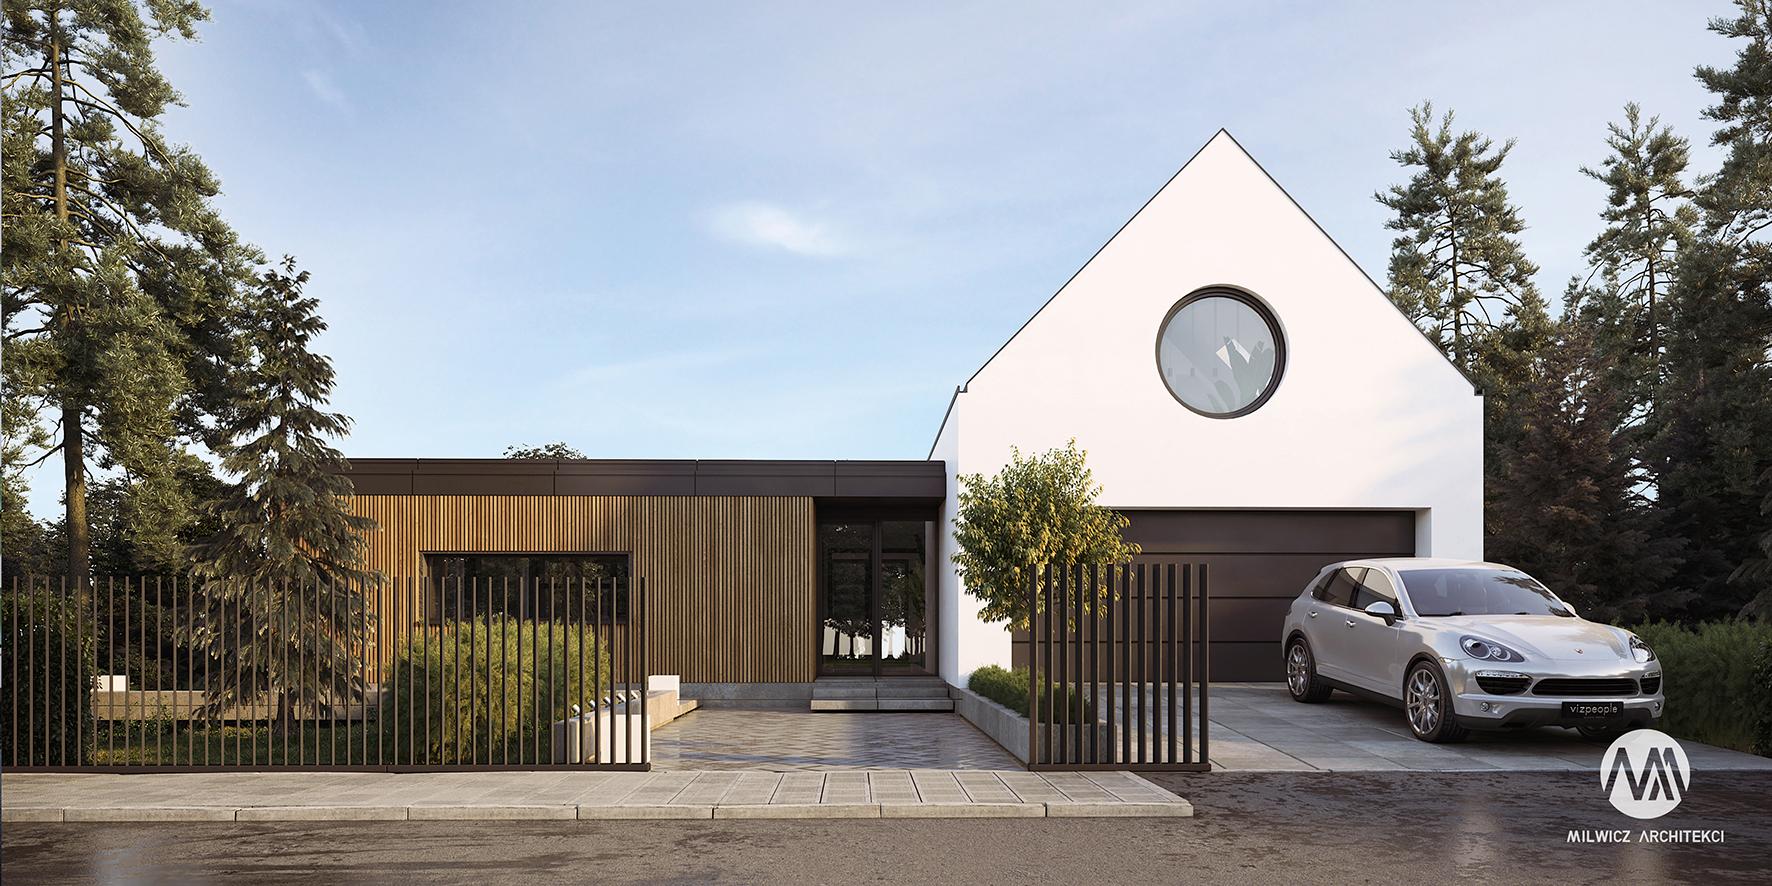 projekt D170v1, dom z garażem, projekt gotowy, nowoczesna stodoła, płaski dach, dom jednorodzinny z poddaszem użytkowym, duże okna